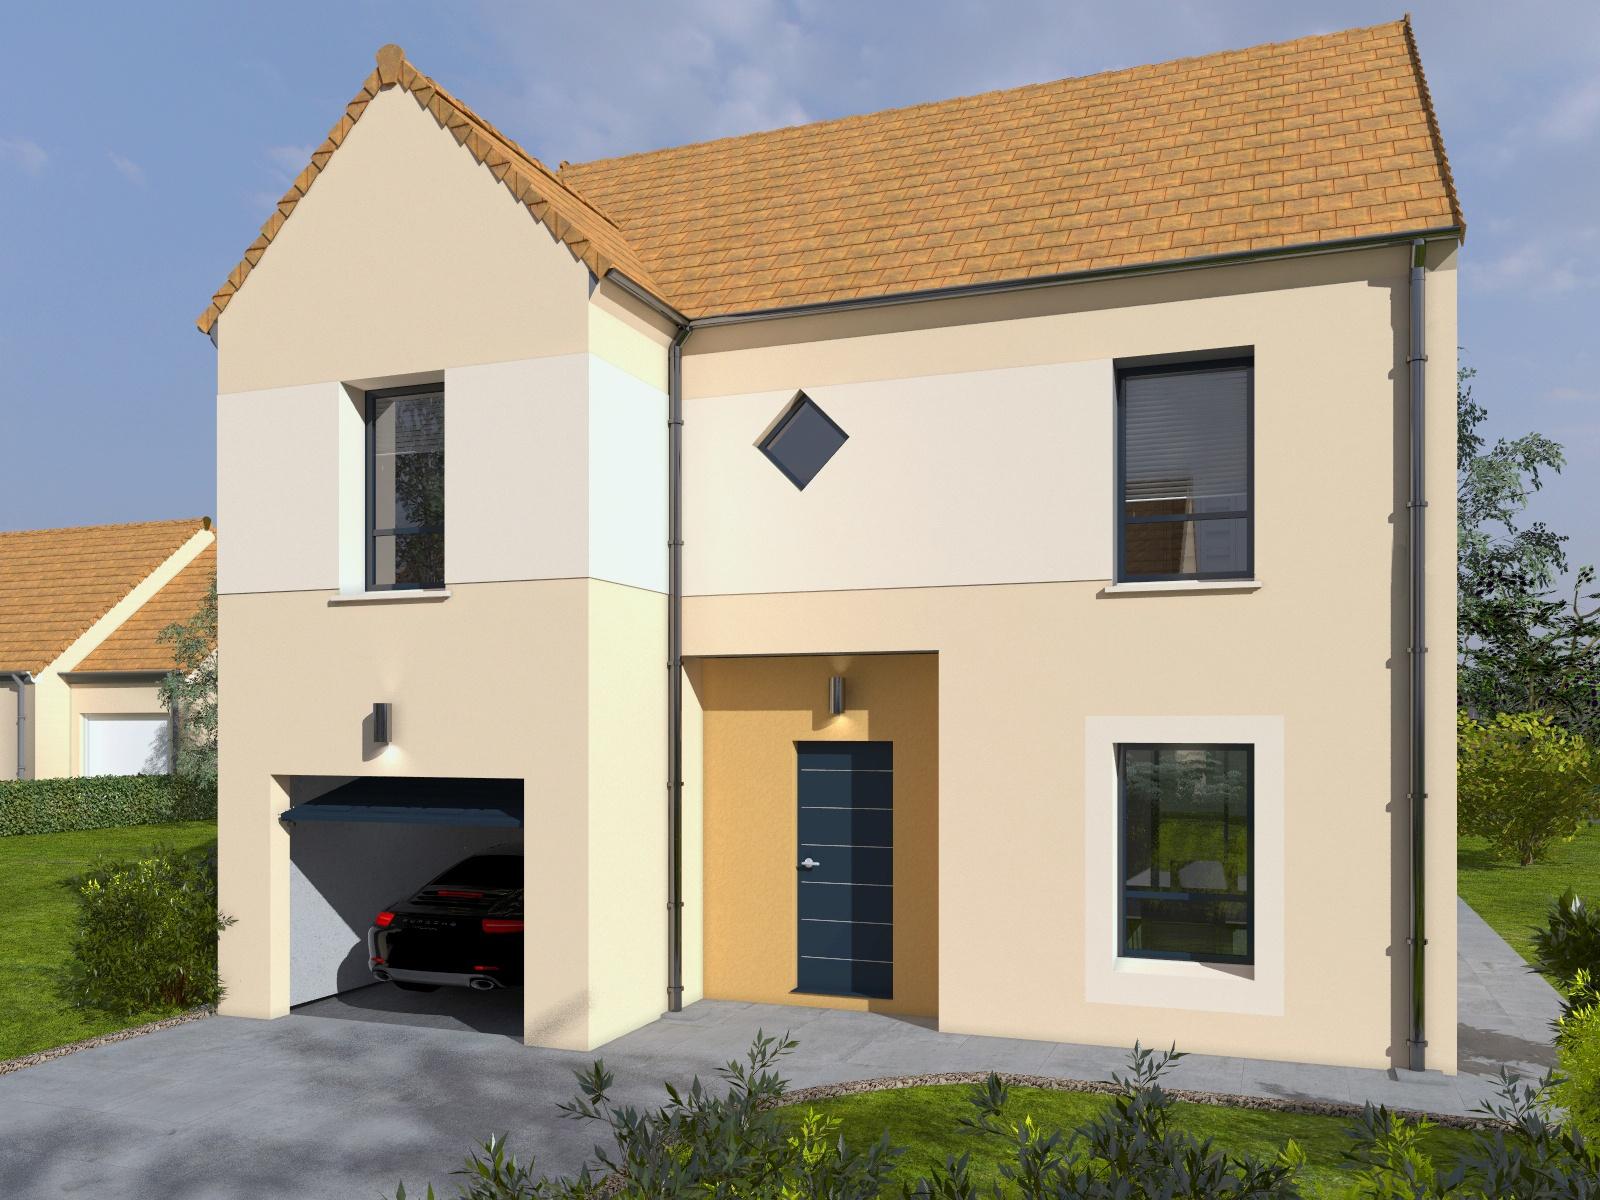 Maisons + Terrains du constructeur Les maisons Lelievre • 114 m² • NEAUPHLE LE CHATEAU